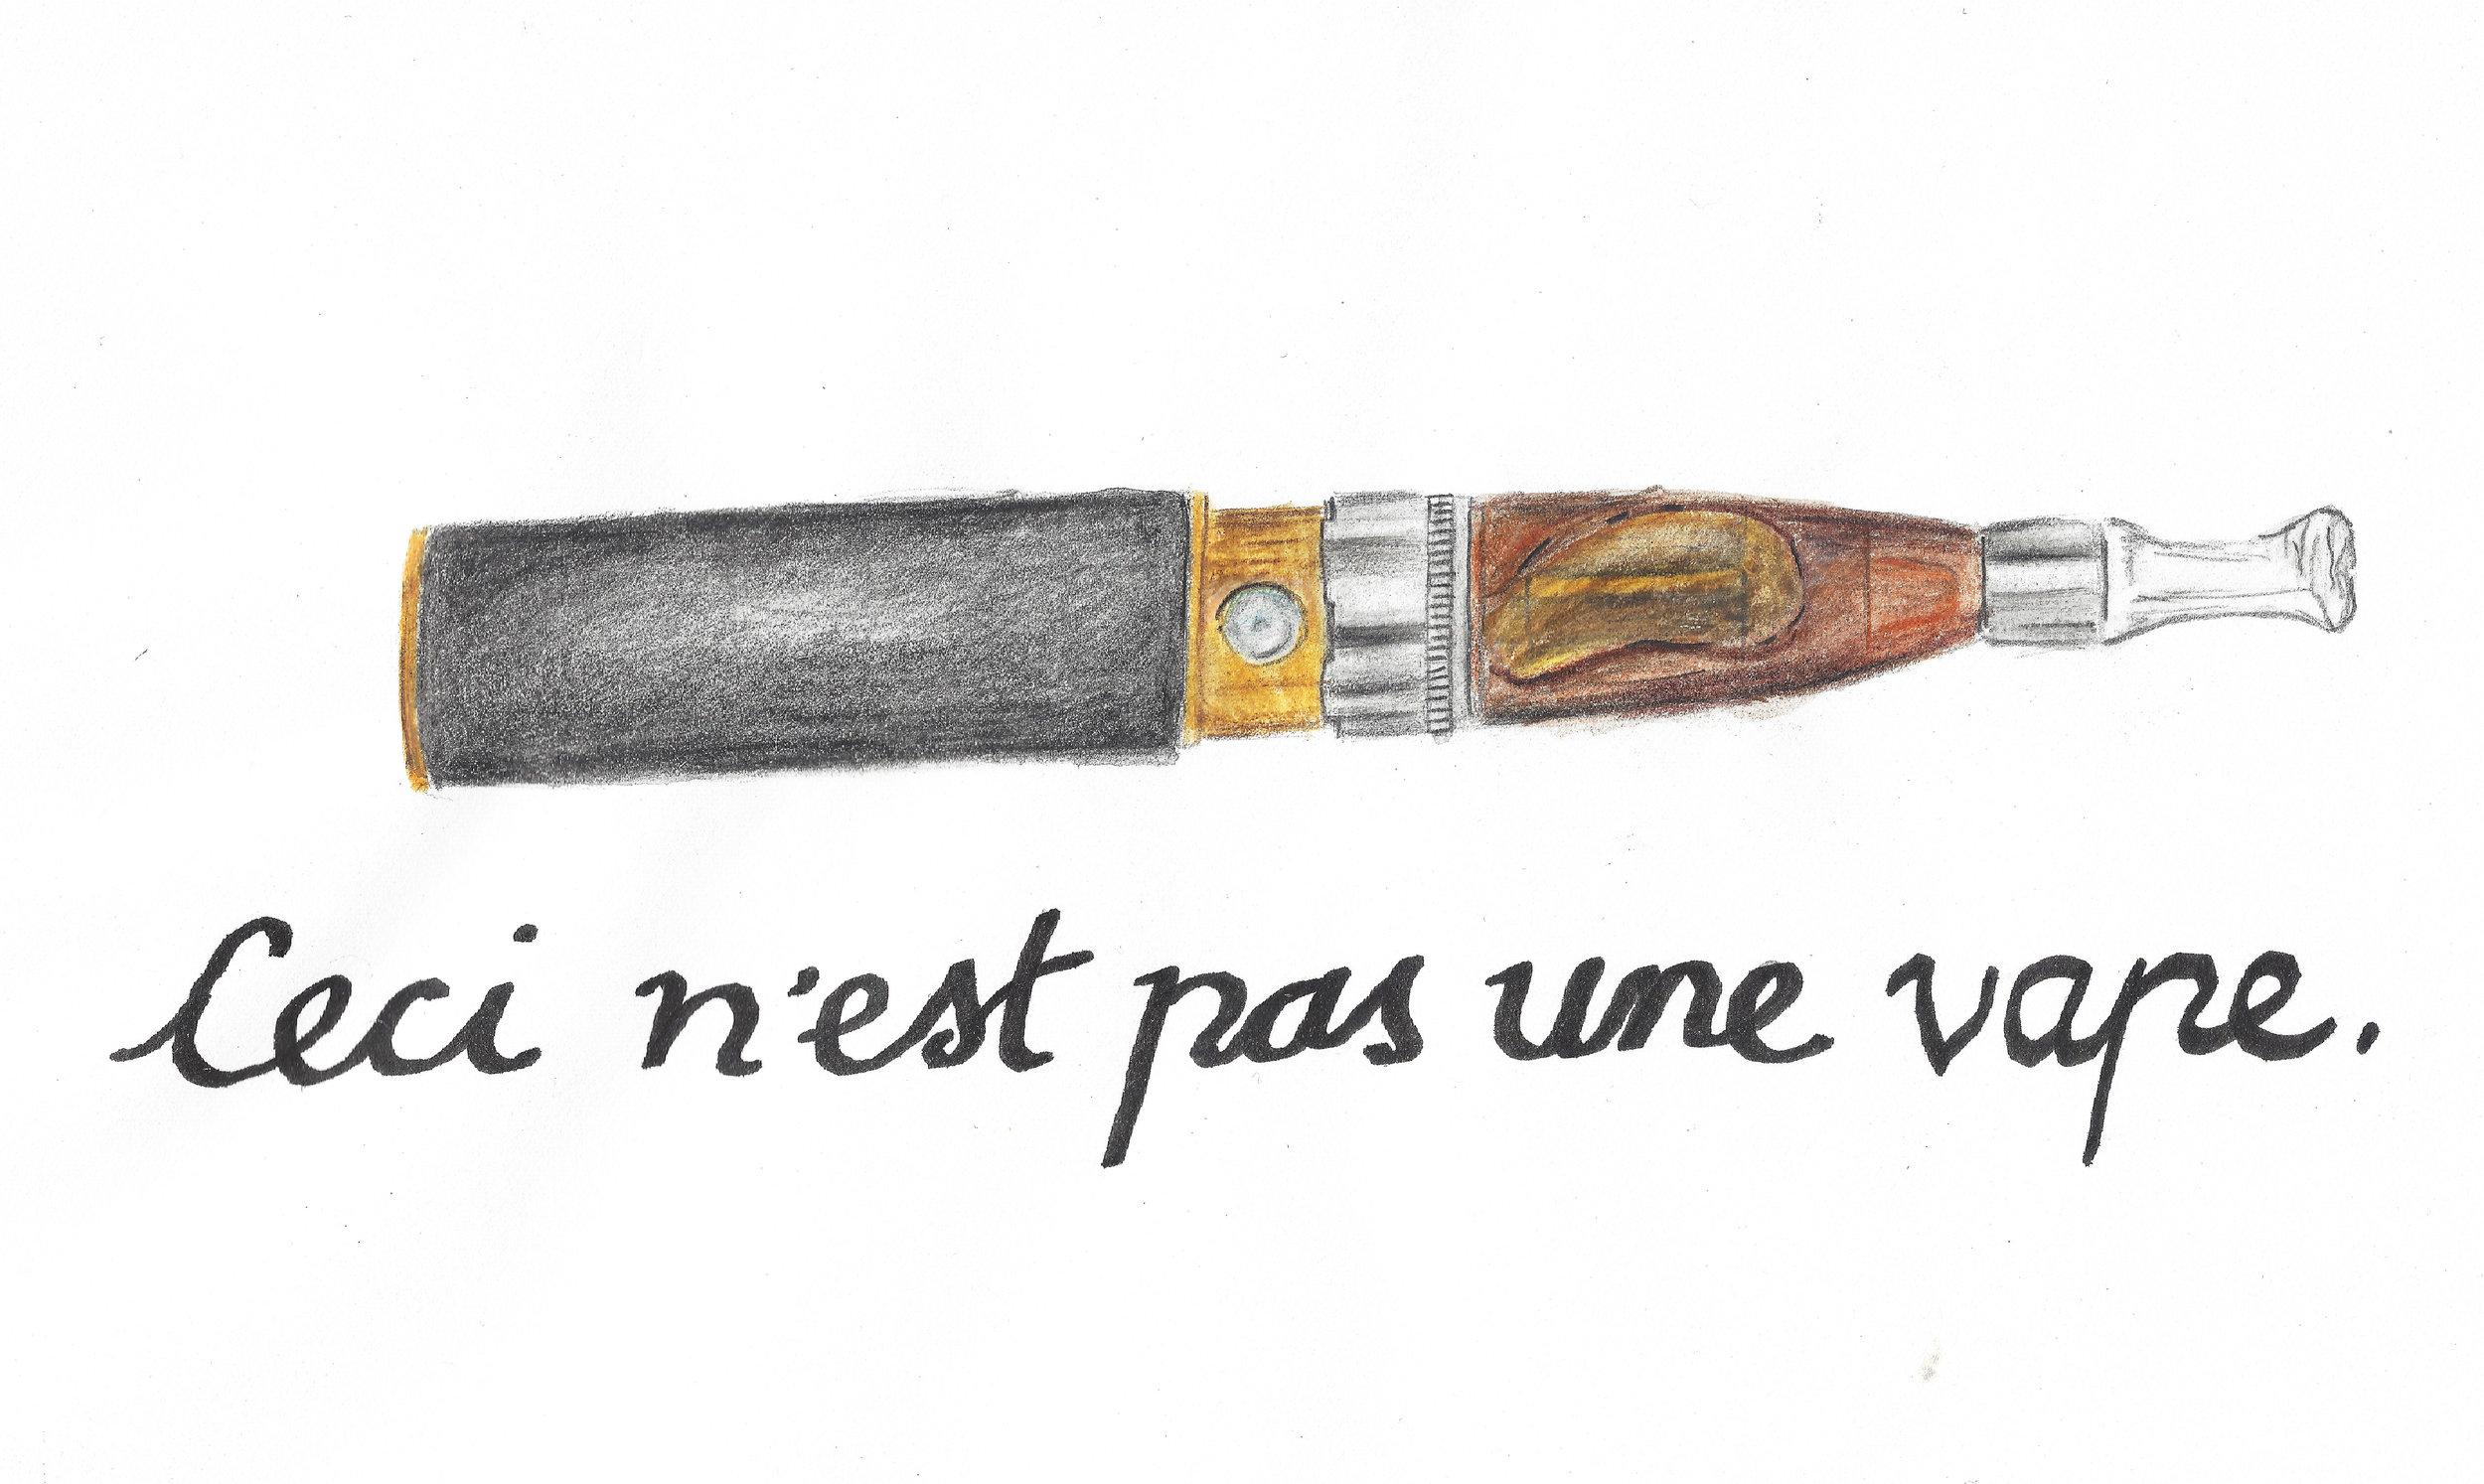 magritte-jokes-art-ceci-n'est-pas-une-pipe-vape-elisemade-by-elise-lopez